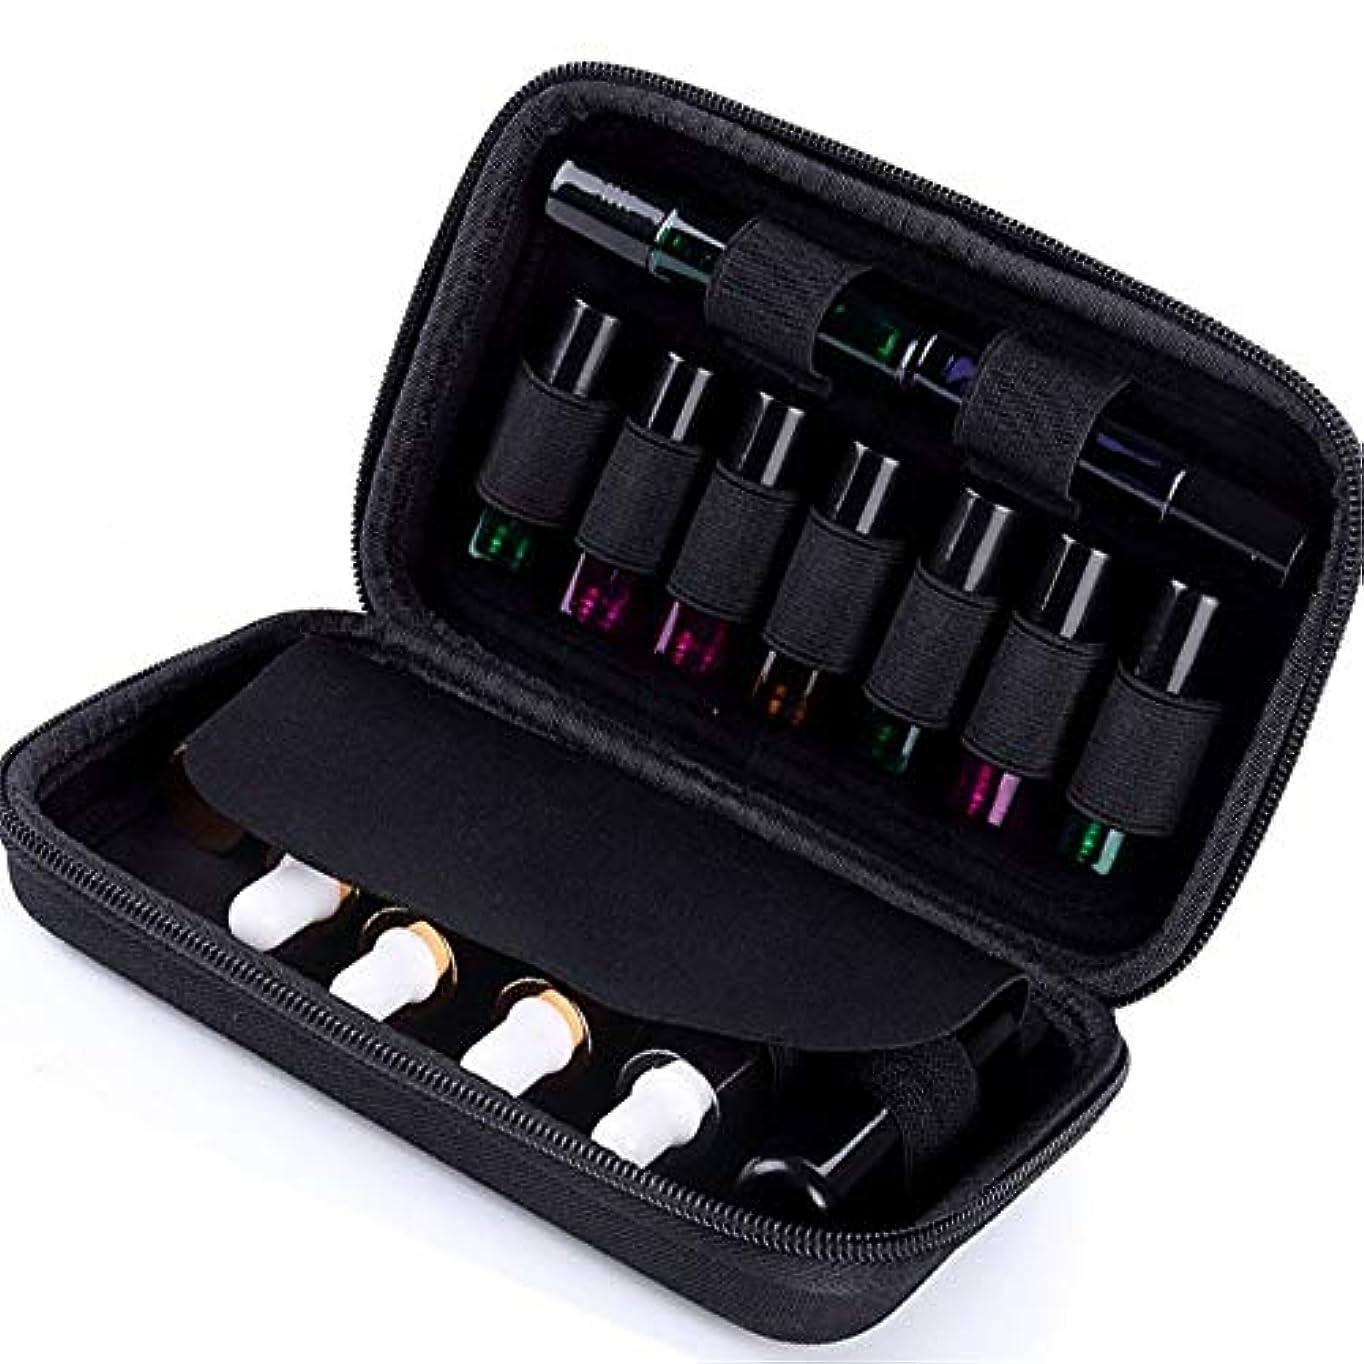 セールクリアコンピューターを使用するエッセンシャルオイルの保管 ローラーと標準ボトル10ミリリットルの場合は最大15本のボトルパーフェクトのためのケースプレミアムハードシェル保護キャリング15ボトルエッセンシャルオイル (色 : ブラック, サイズ : 20X13X4.5CM)